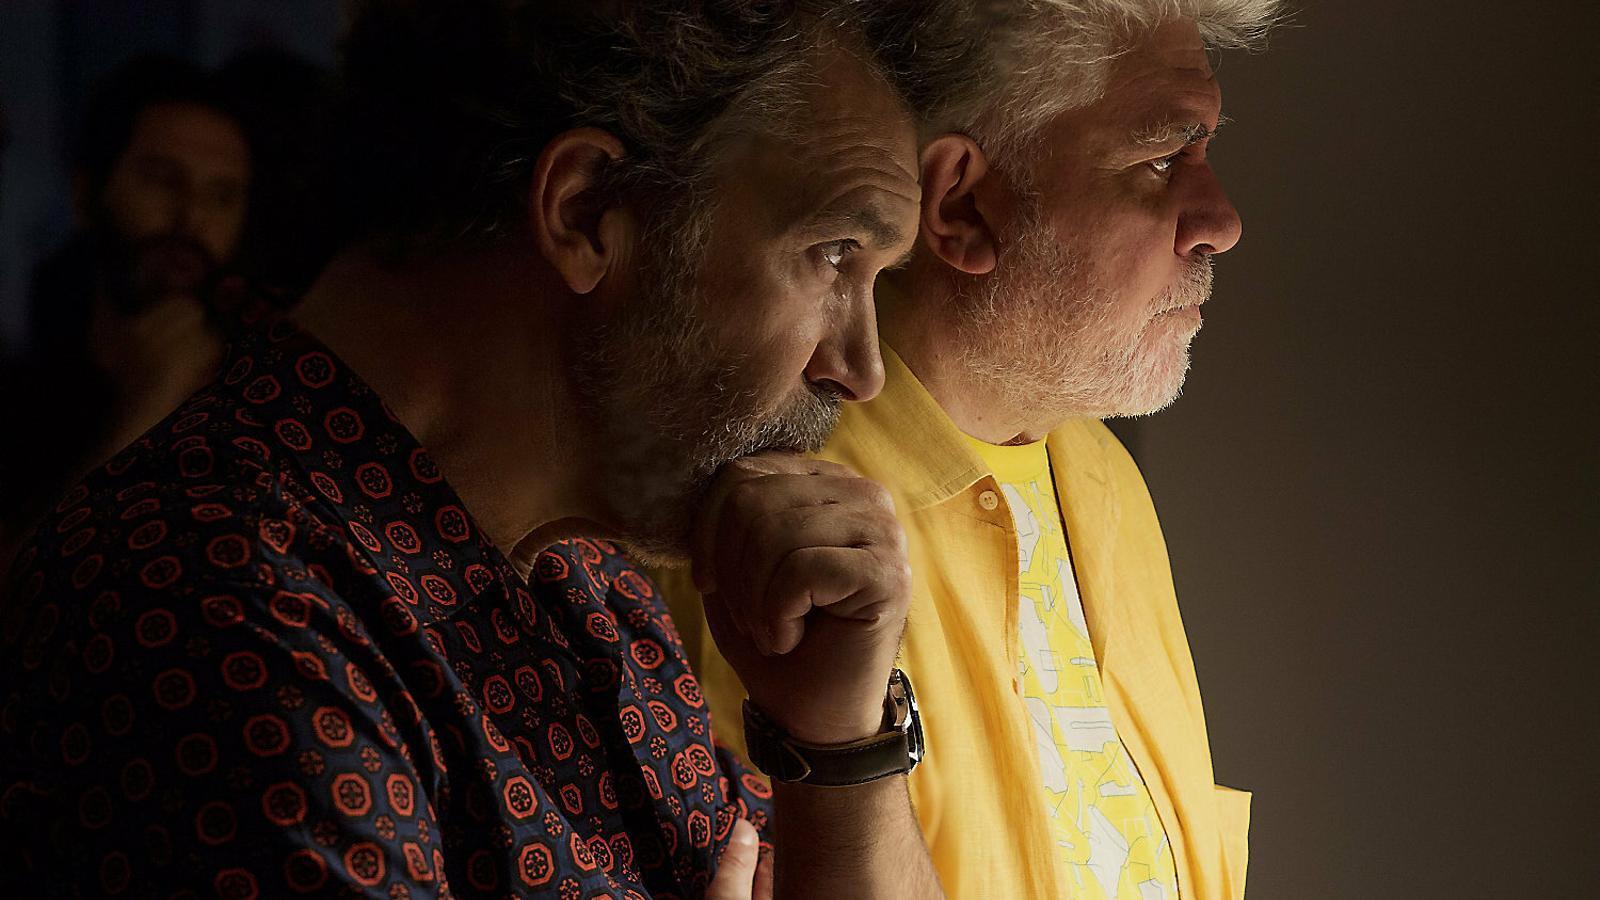 Antonio Banderas i Pedro Almodóvar en un moment del rodatge de Dolor y gloria.